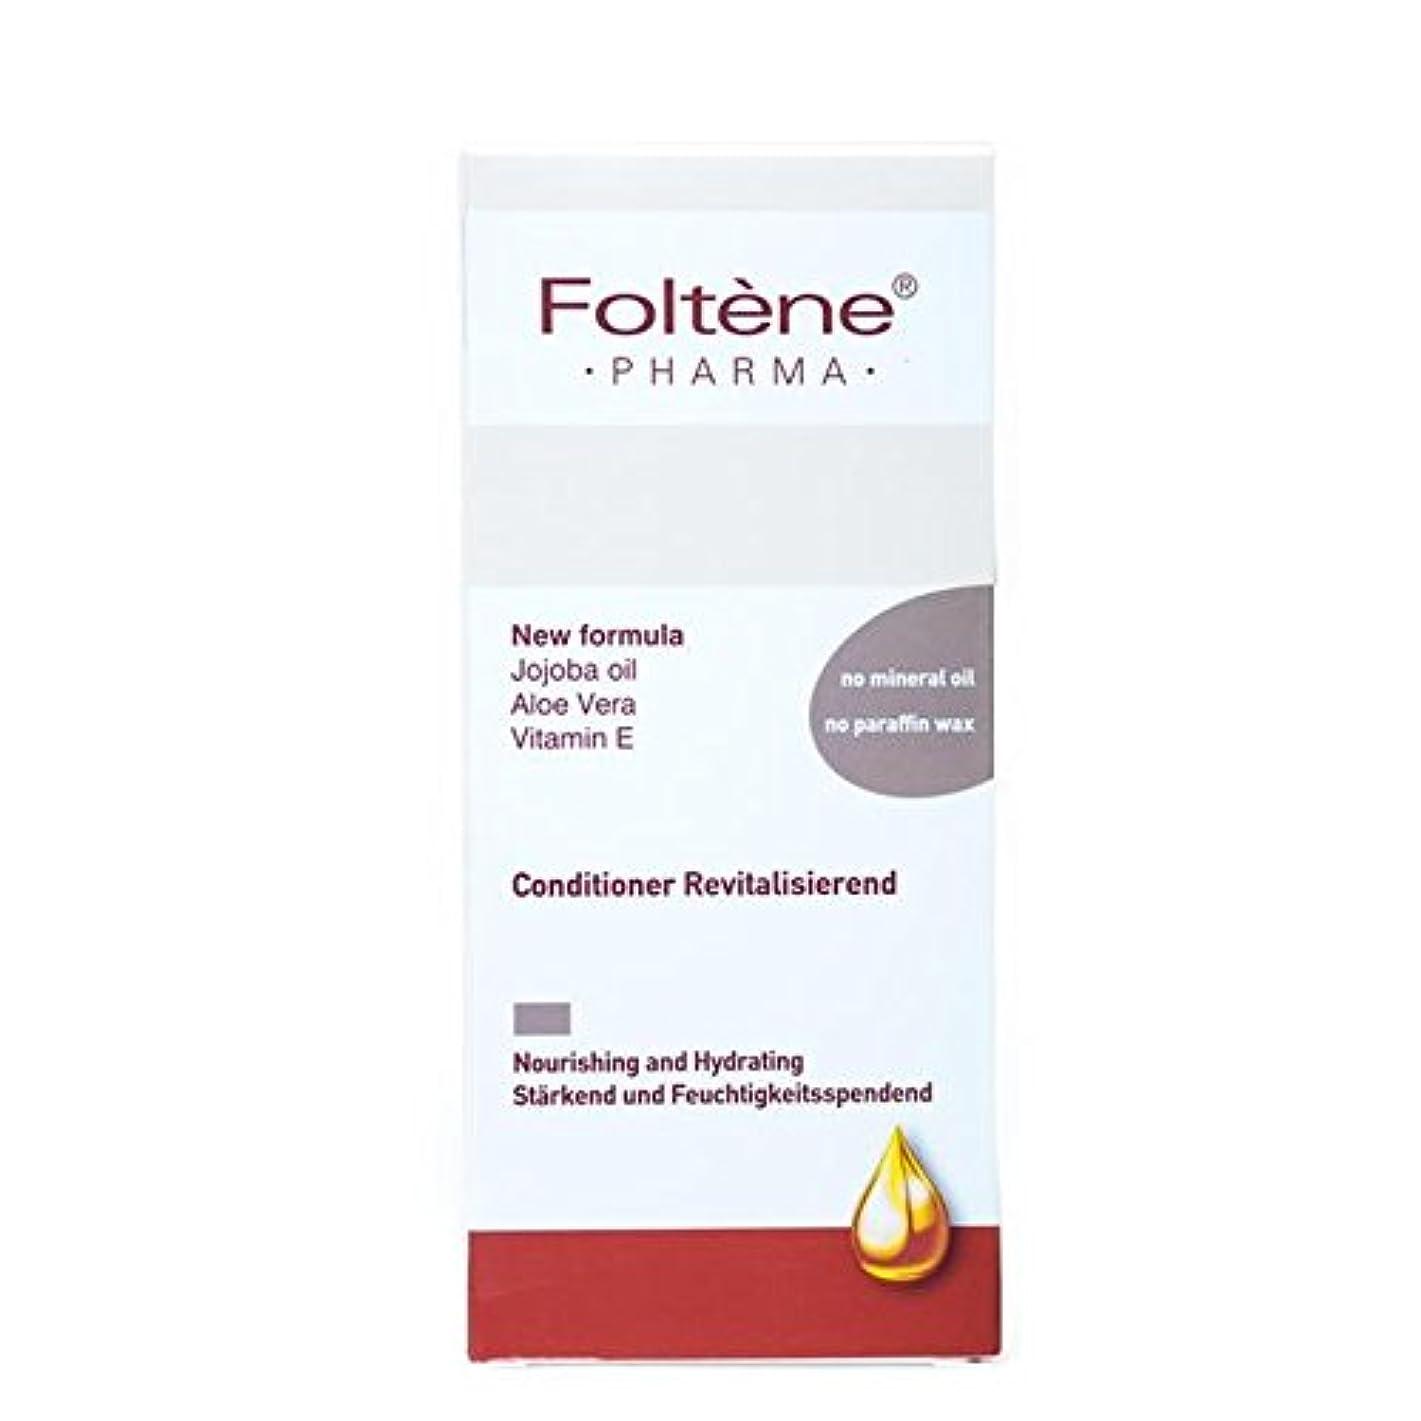 ビルマキャメル日曜日150ミリリットル男性&女性のための生き返らコンディショナー x4 - Foltene Revitalizing Conditioner For Men & Women 150ml (Pack of 4) [並行輸入品]